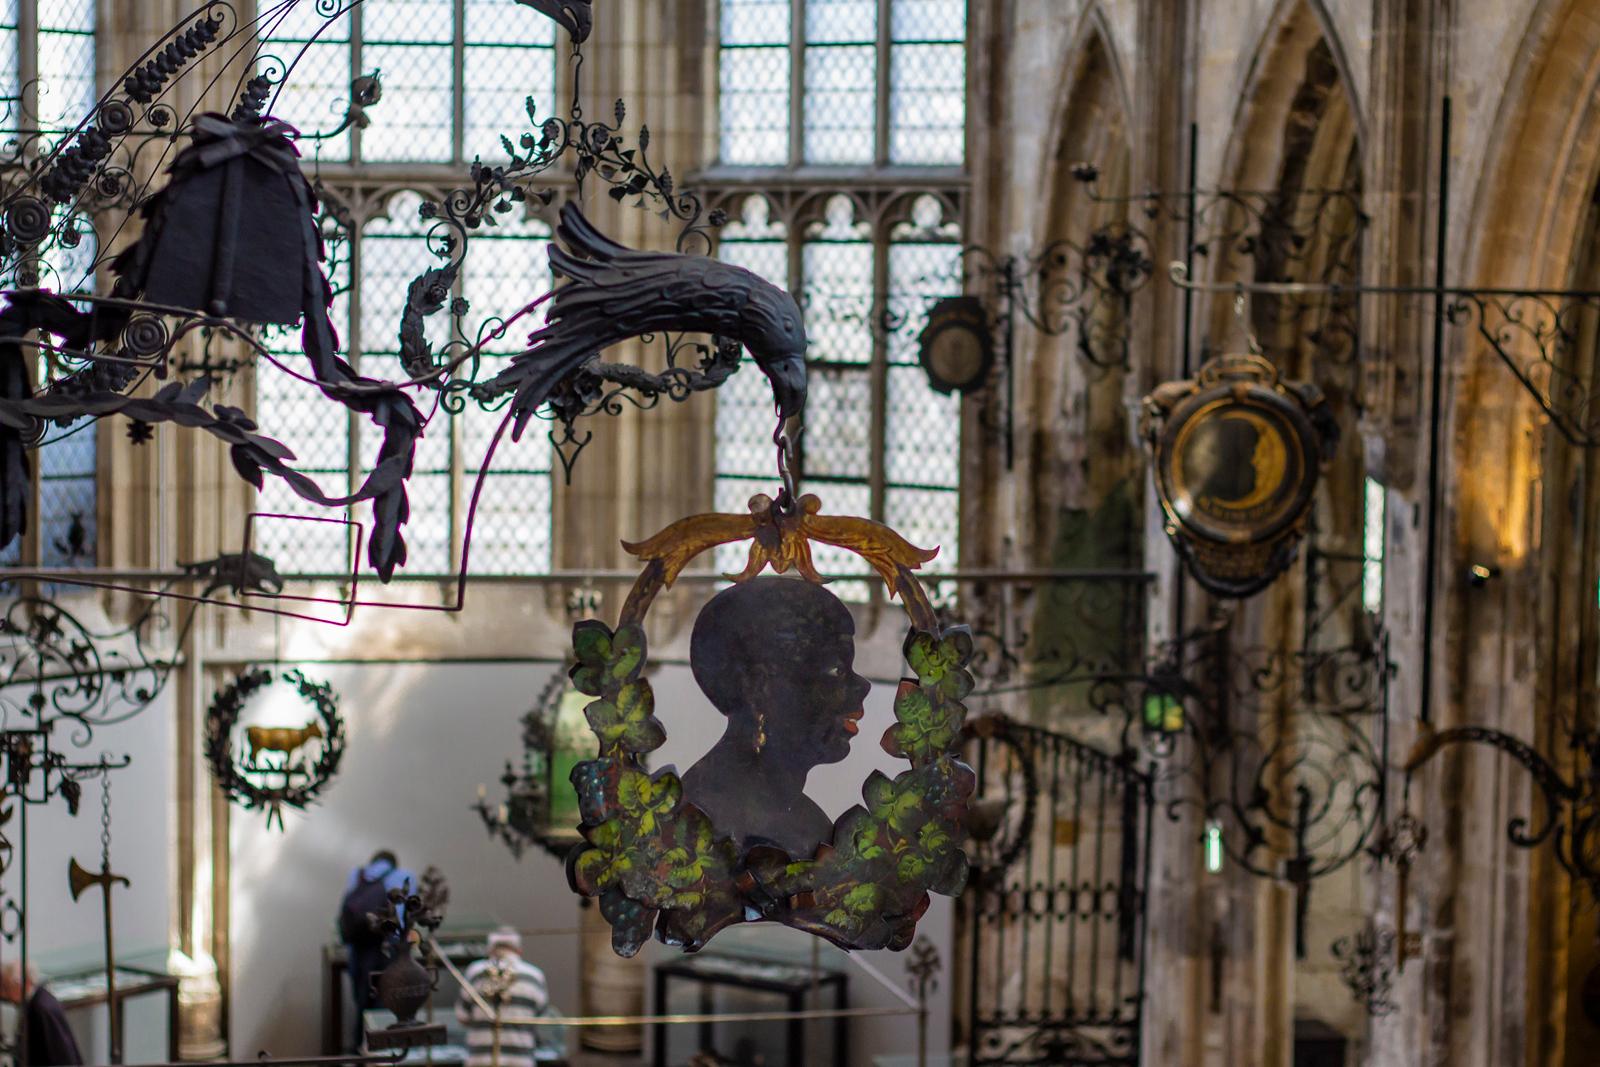 Musée Le Secq des Tournelles, Rouen, France